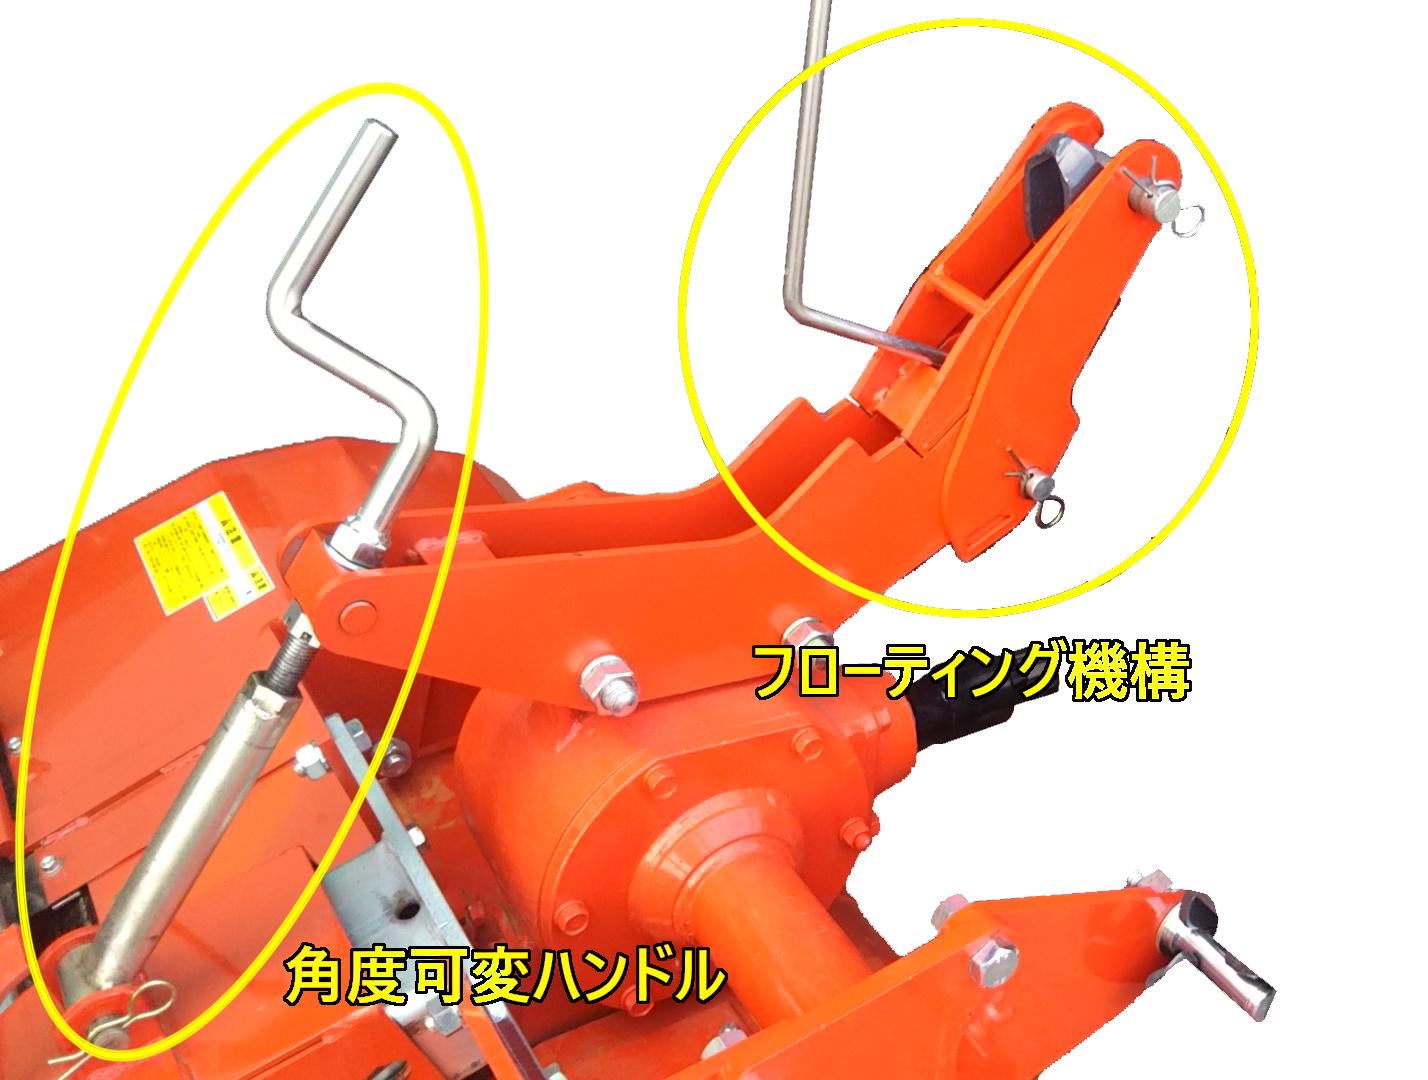 フローティング機構と角度可変ハンドル